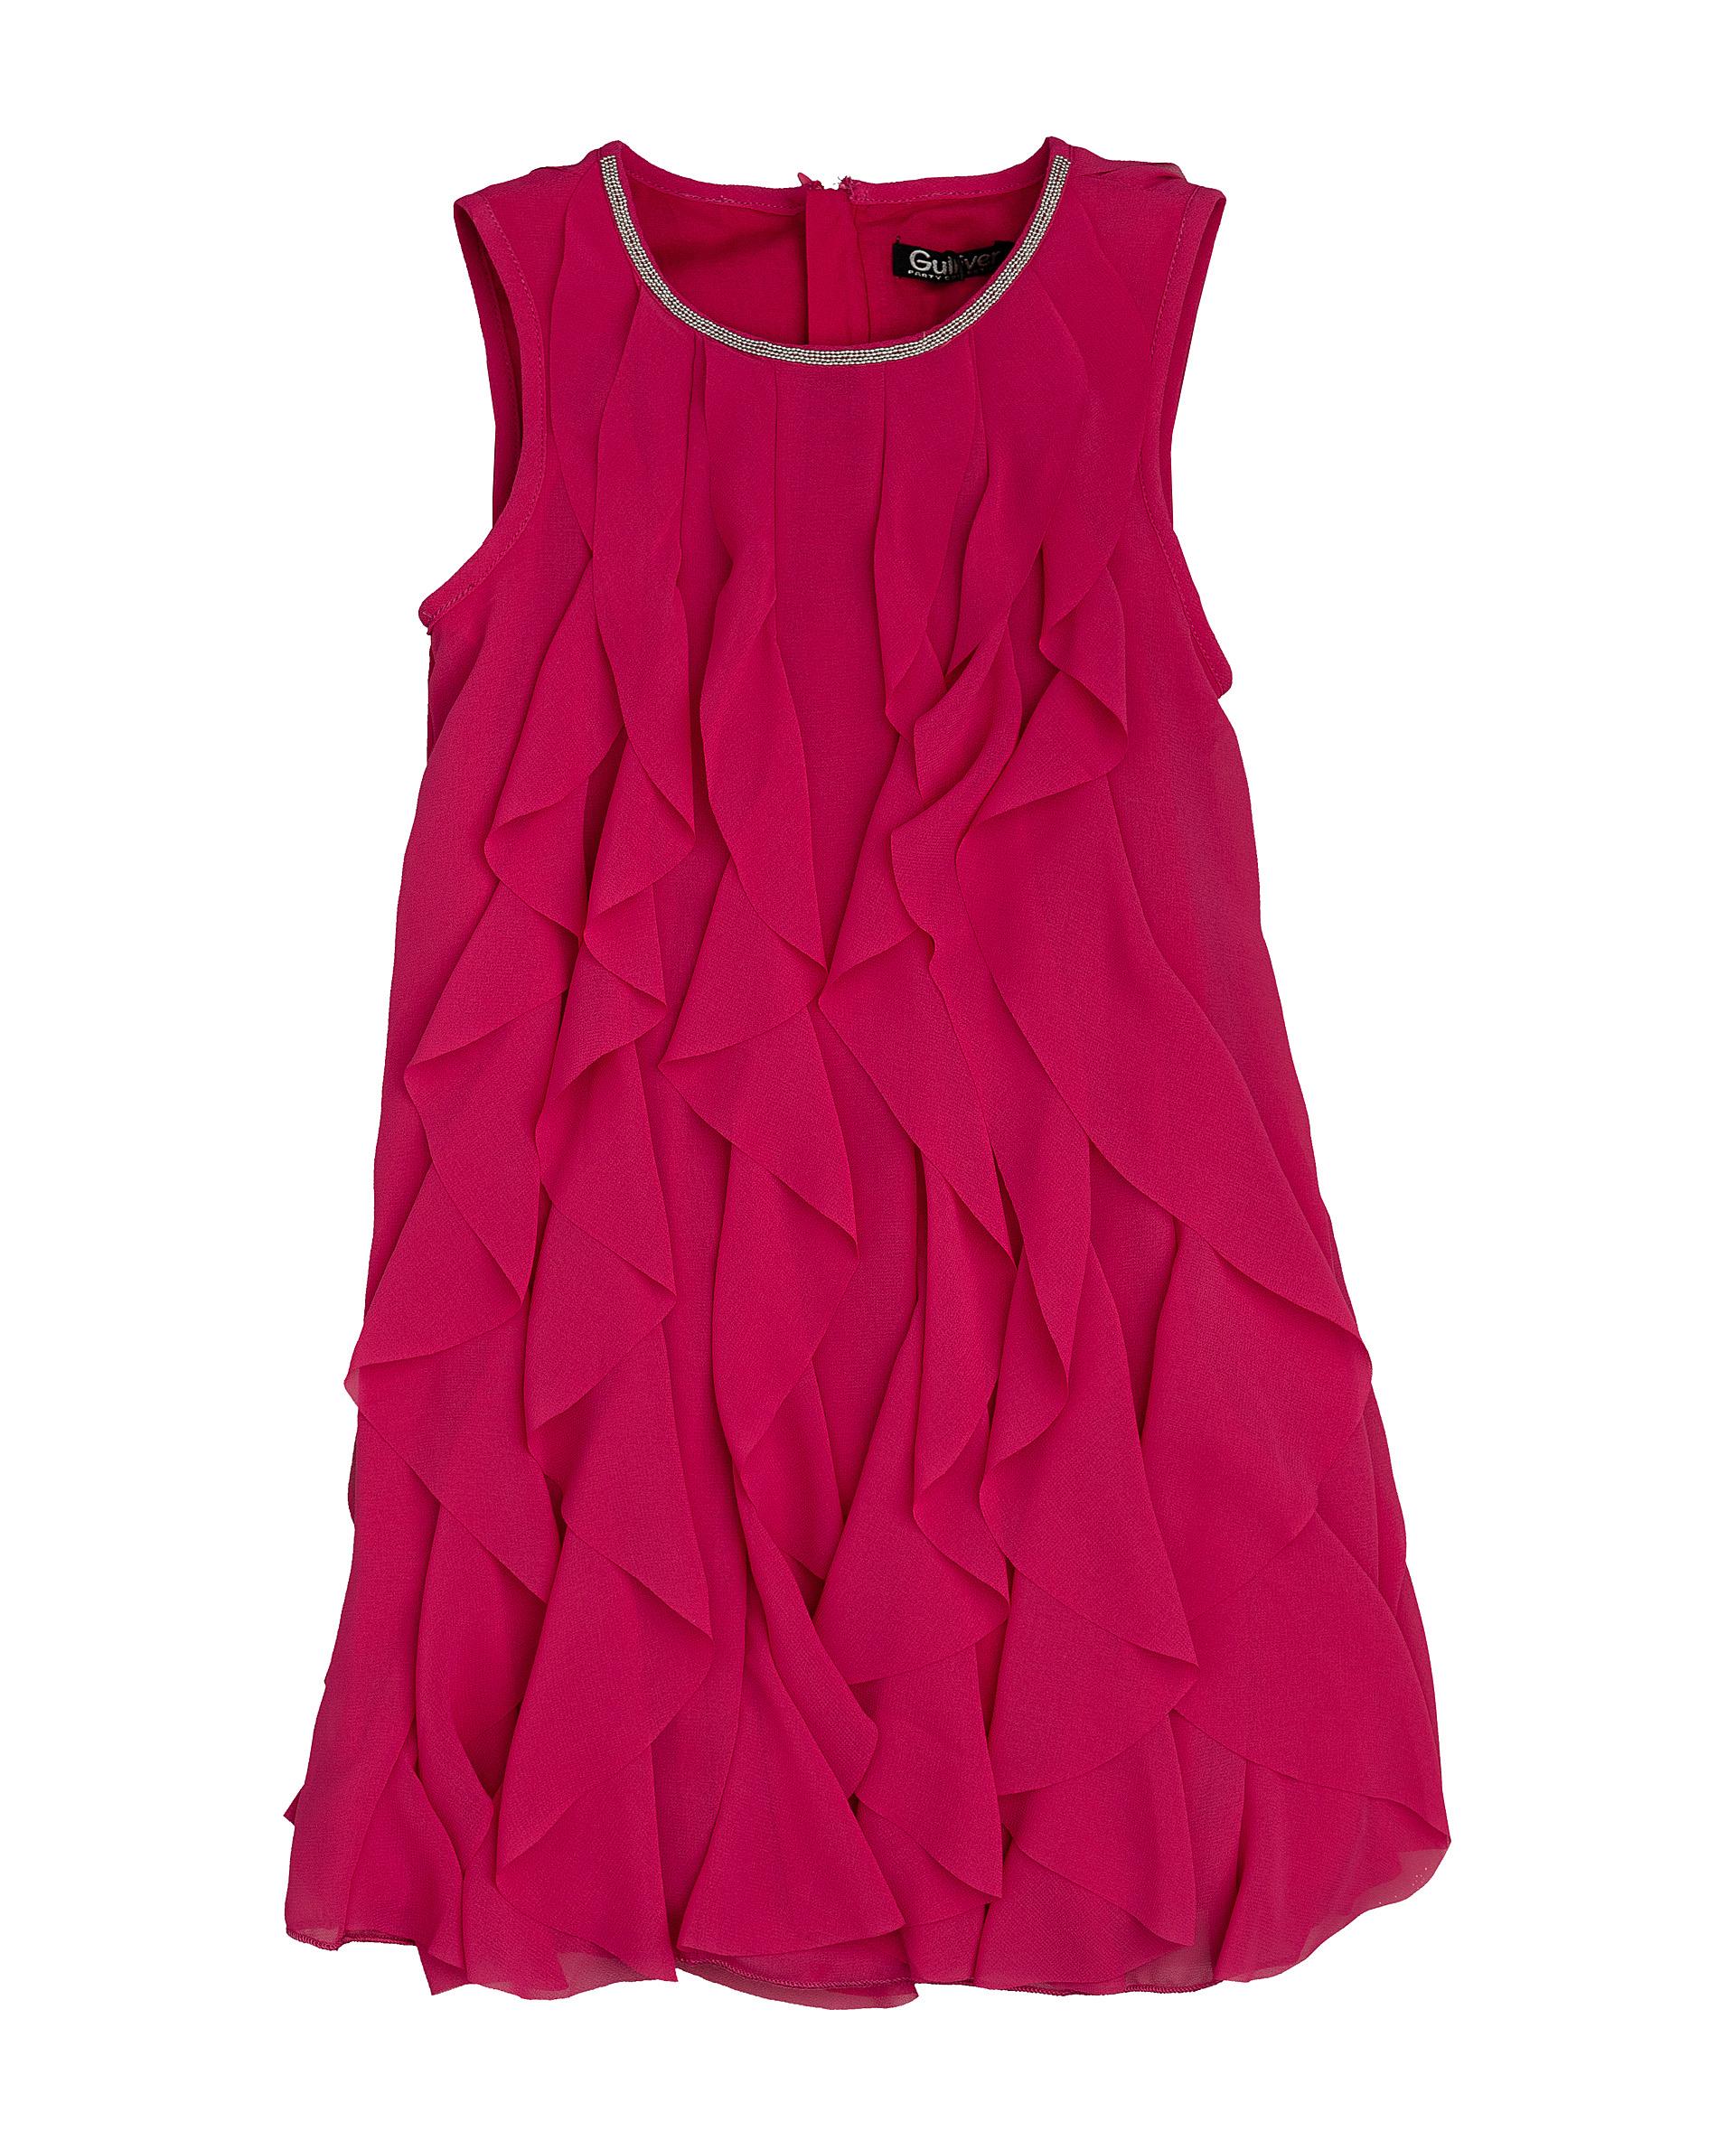 Купить 120GPGMC2507, Розовое нарядное платье Gulliver, фуксия, 116, Женский, ВЕСНА/ЛЕТО 2020 (shop: GulliverMarket Gulliver Market)